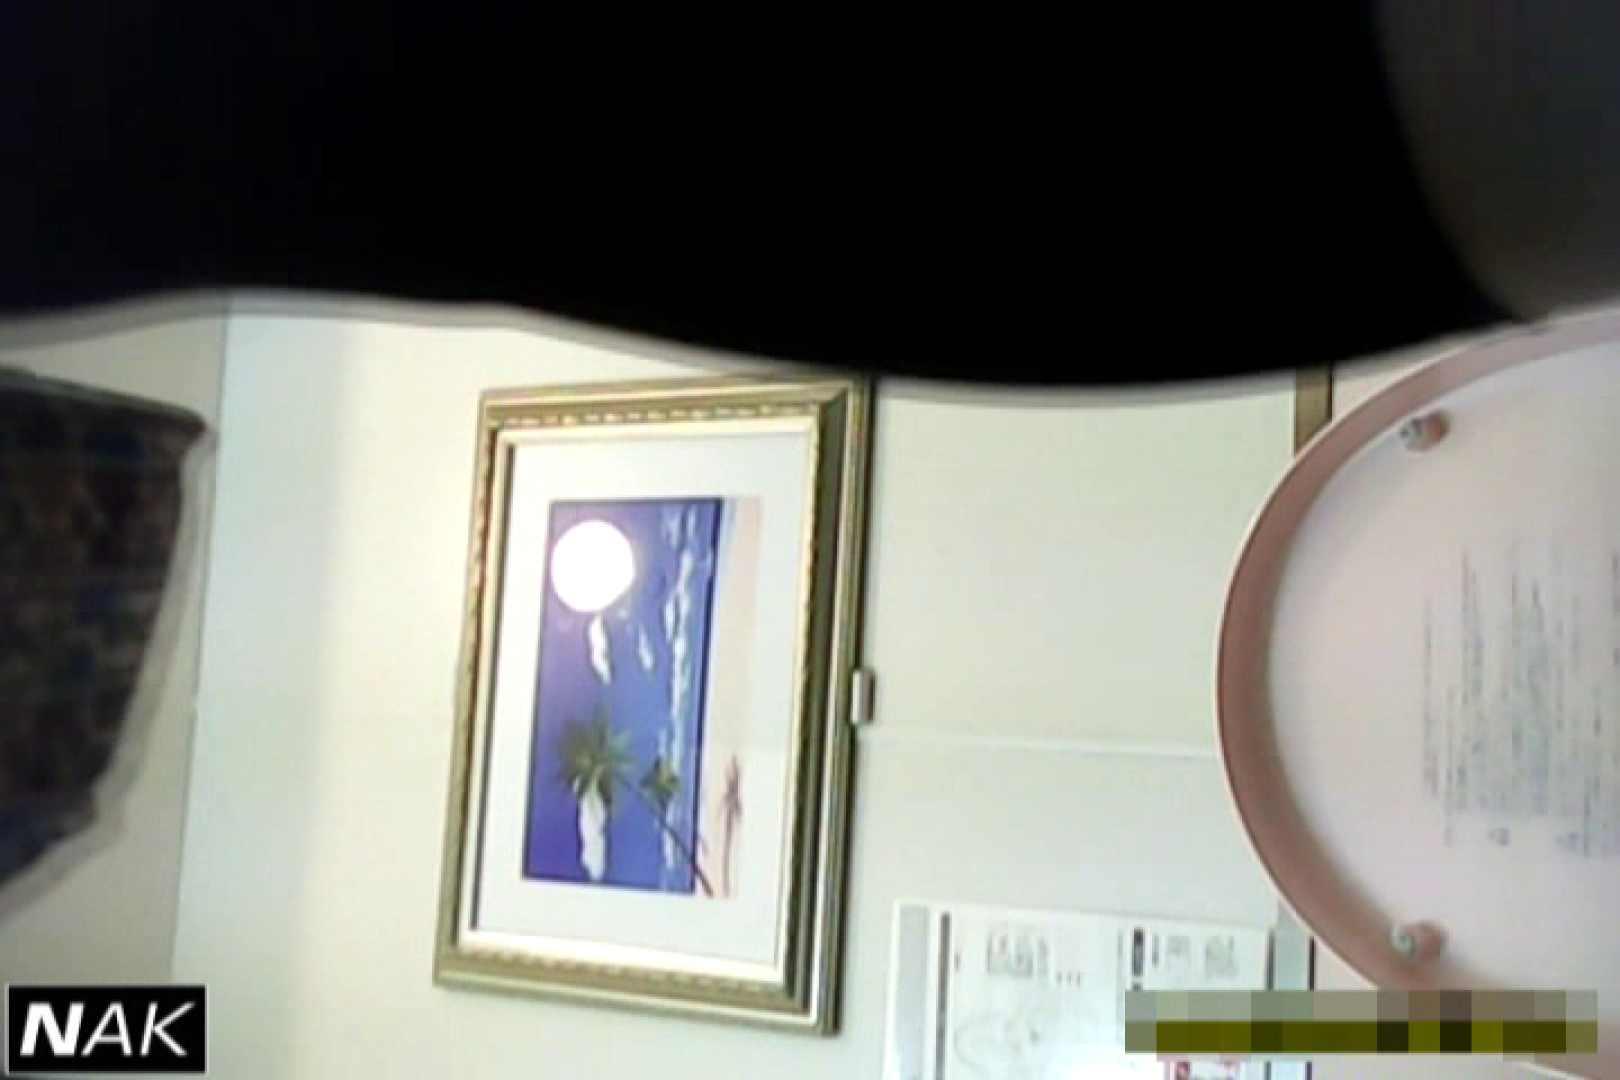 超高画質5000K!脅威の1点集中かわや! vol.01 マンコ・ムレムレ アダルト動画キャプチャ 89pic 27